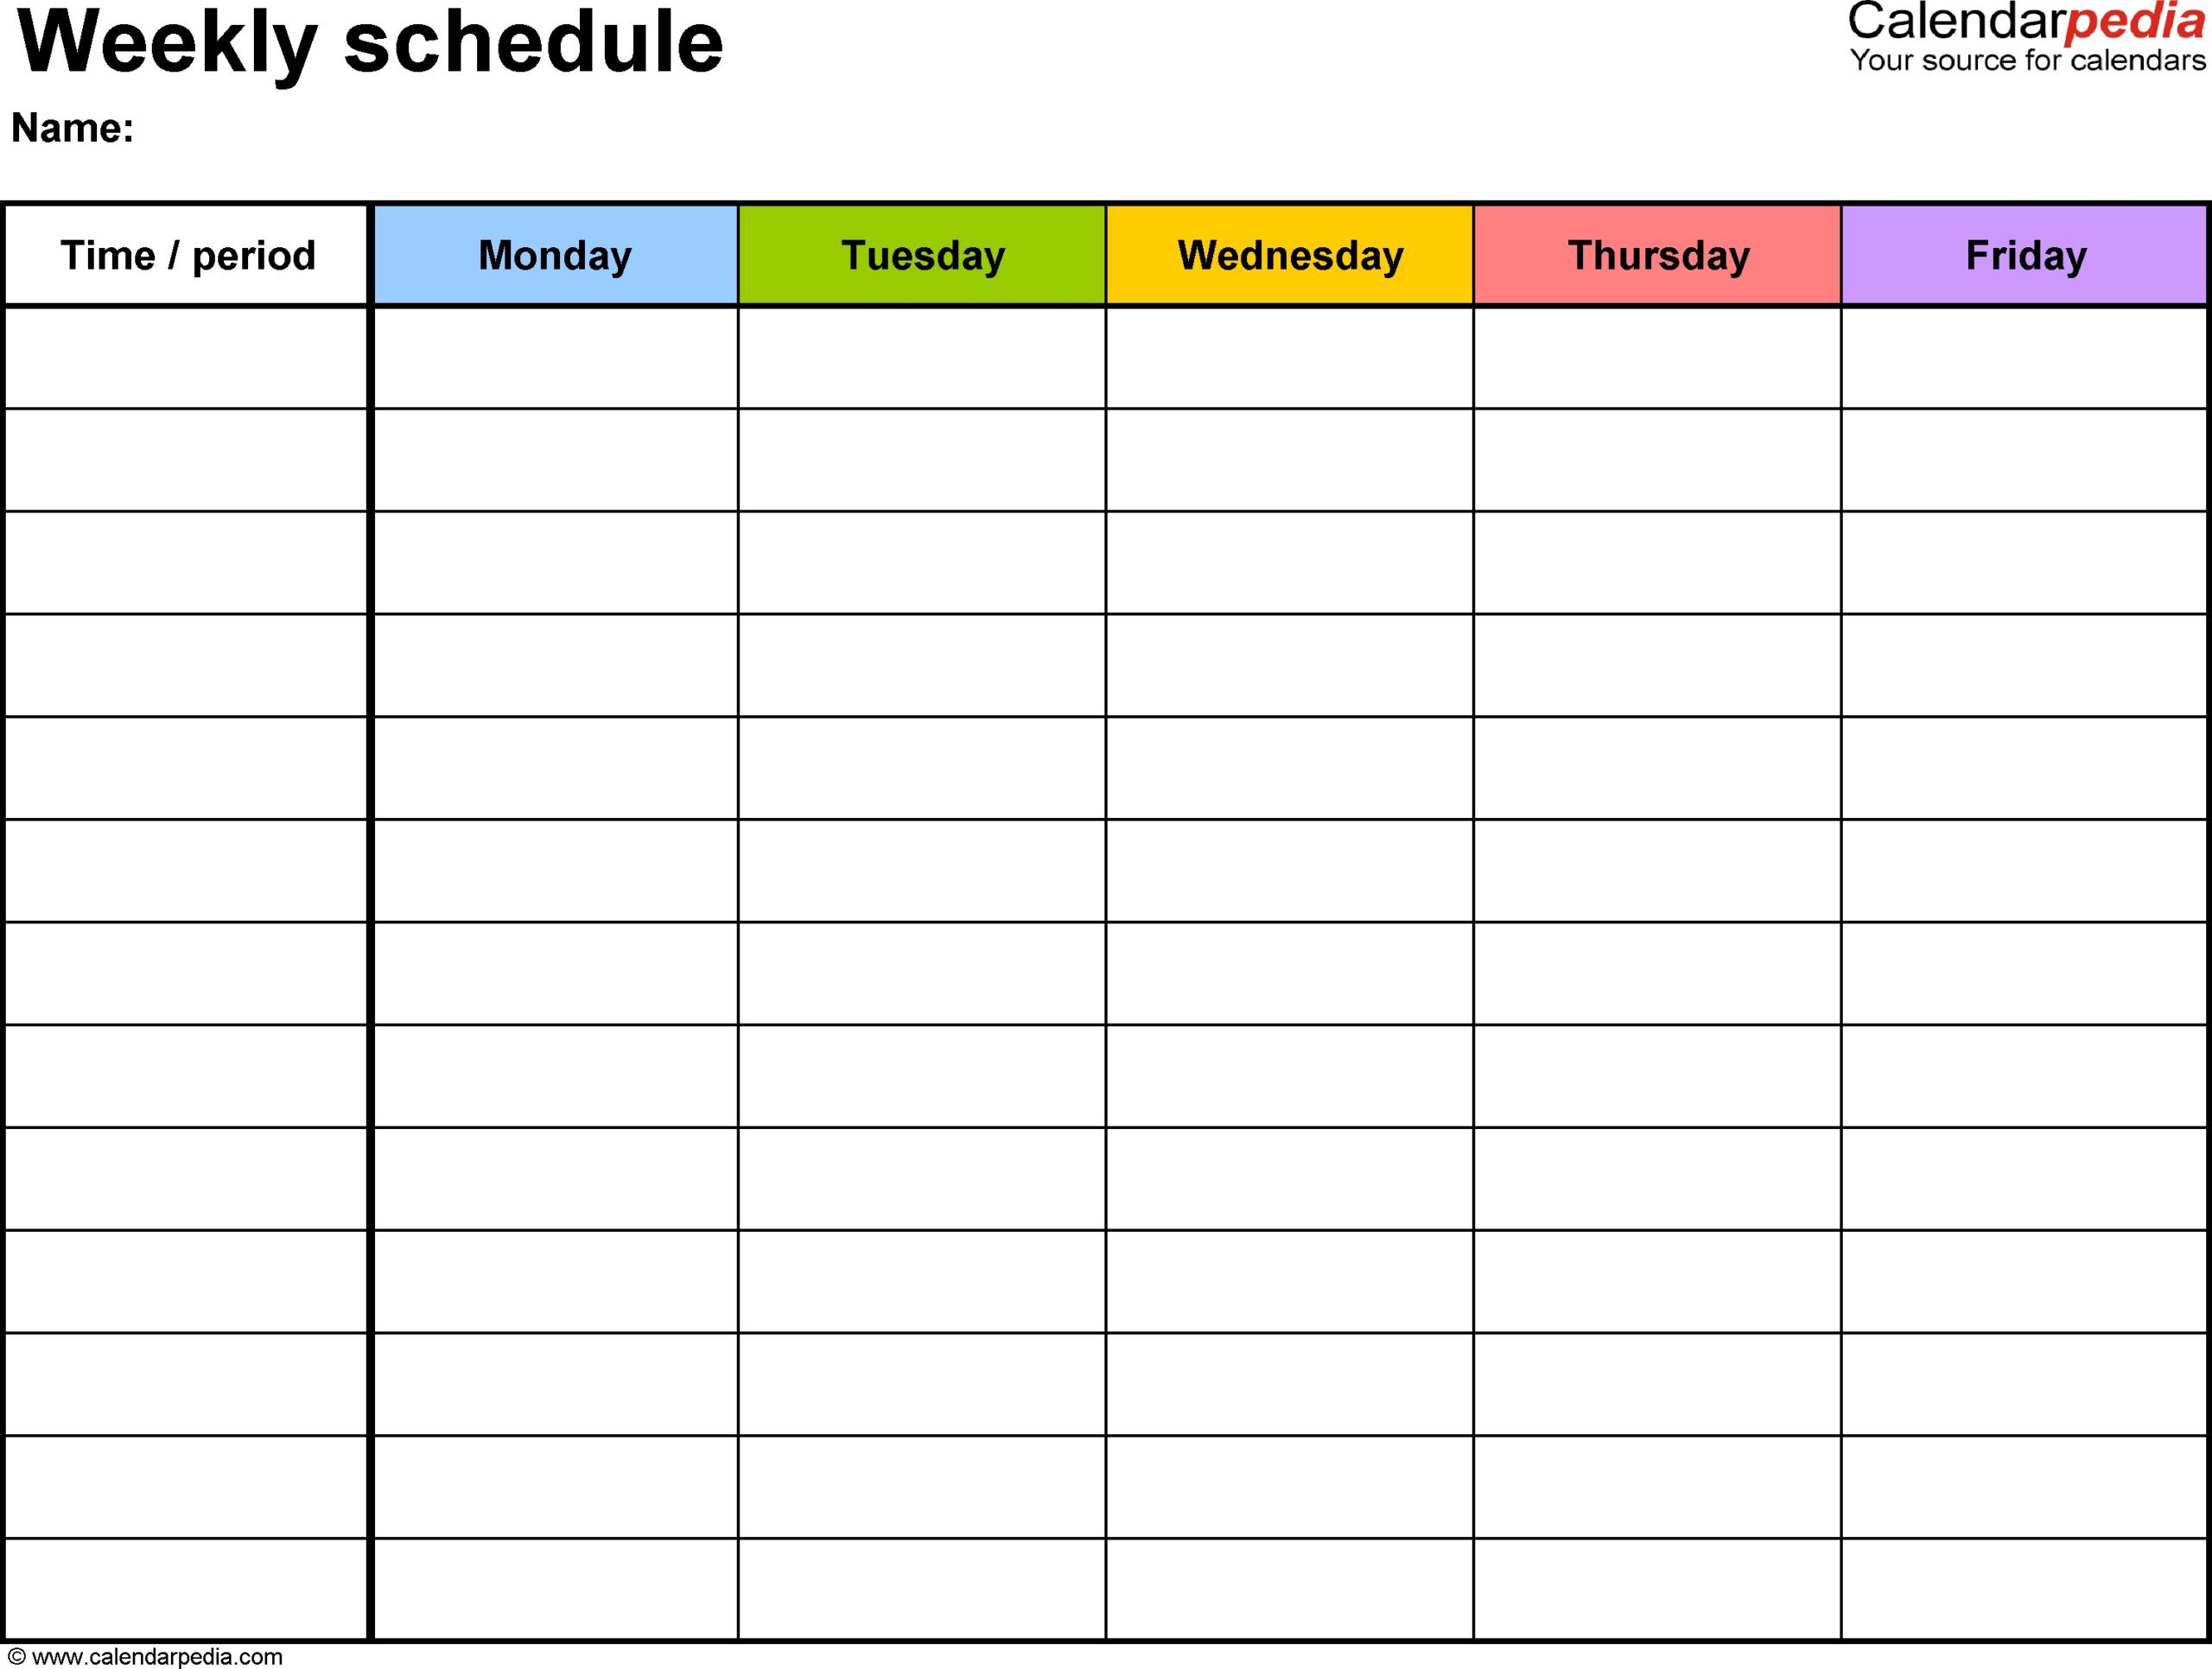 2 Week Schedule Template | Calendar Template Printable within Two Week Calender